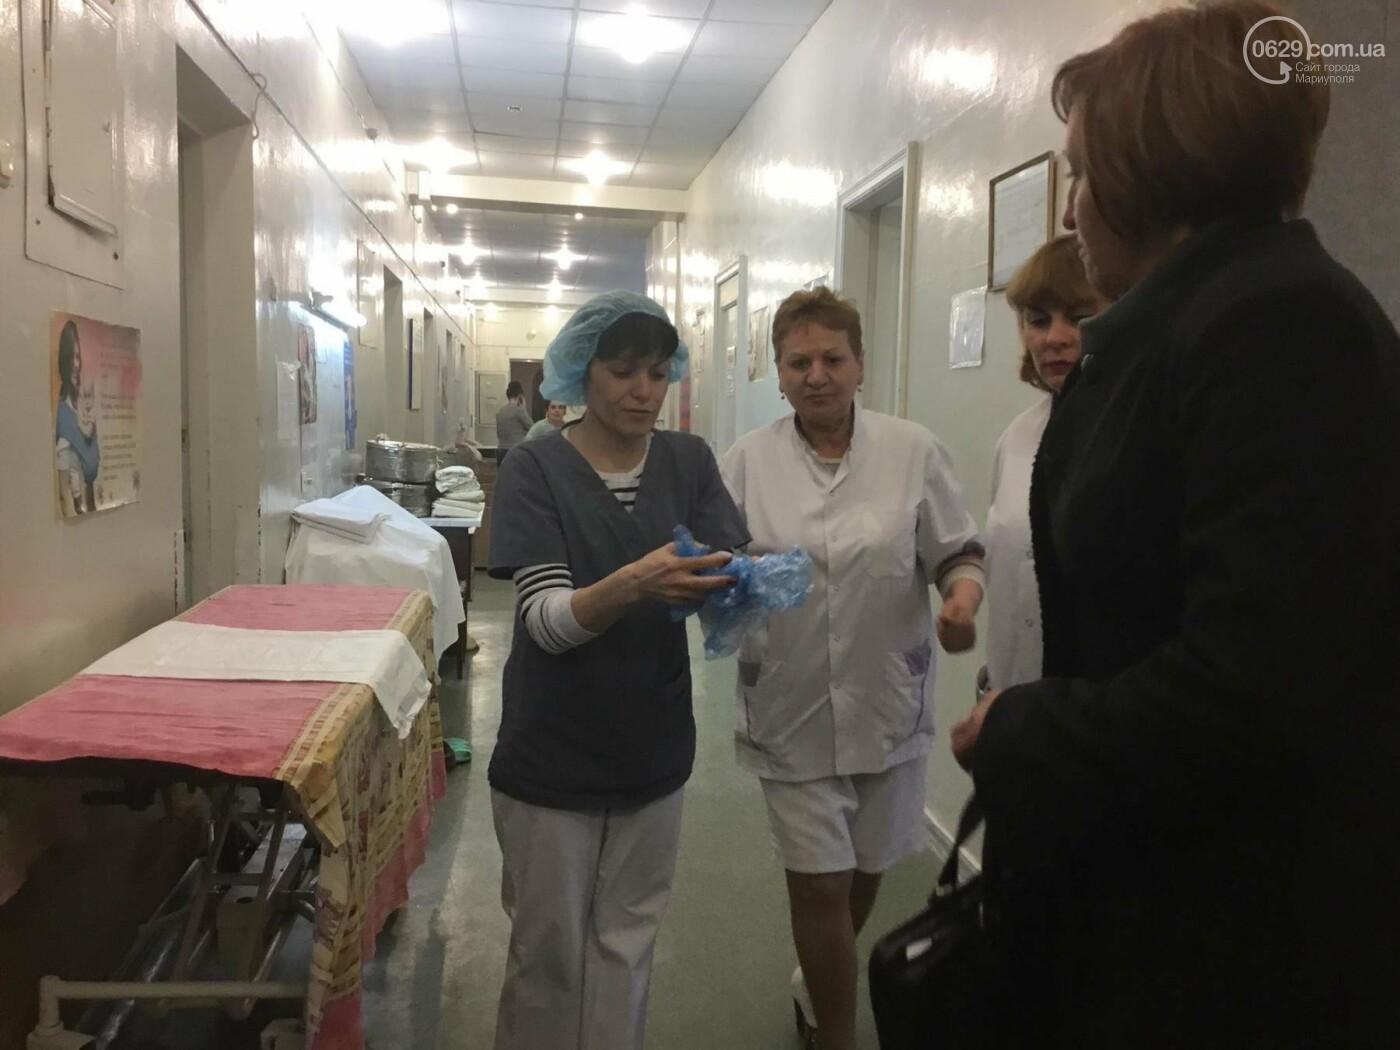 В Мариуполе из-за ремонта детской больницы расселяют гинекологическое отделение (ФОТОРЕПОРТАЖ+ВИДЕО), фото-3